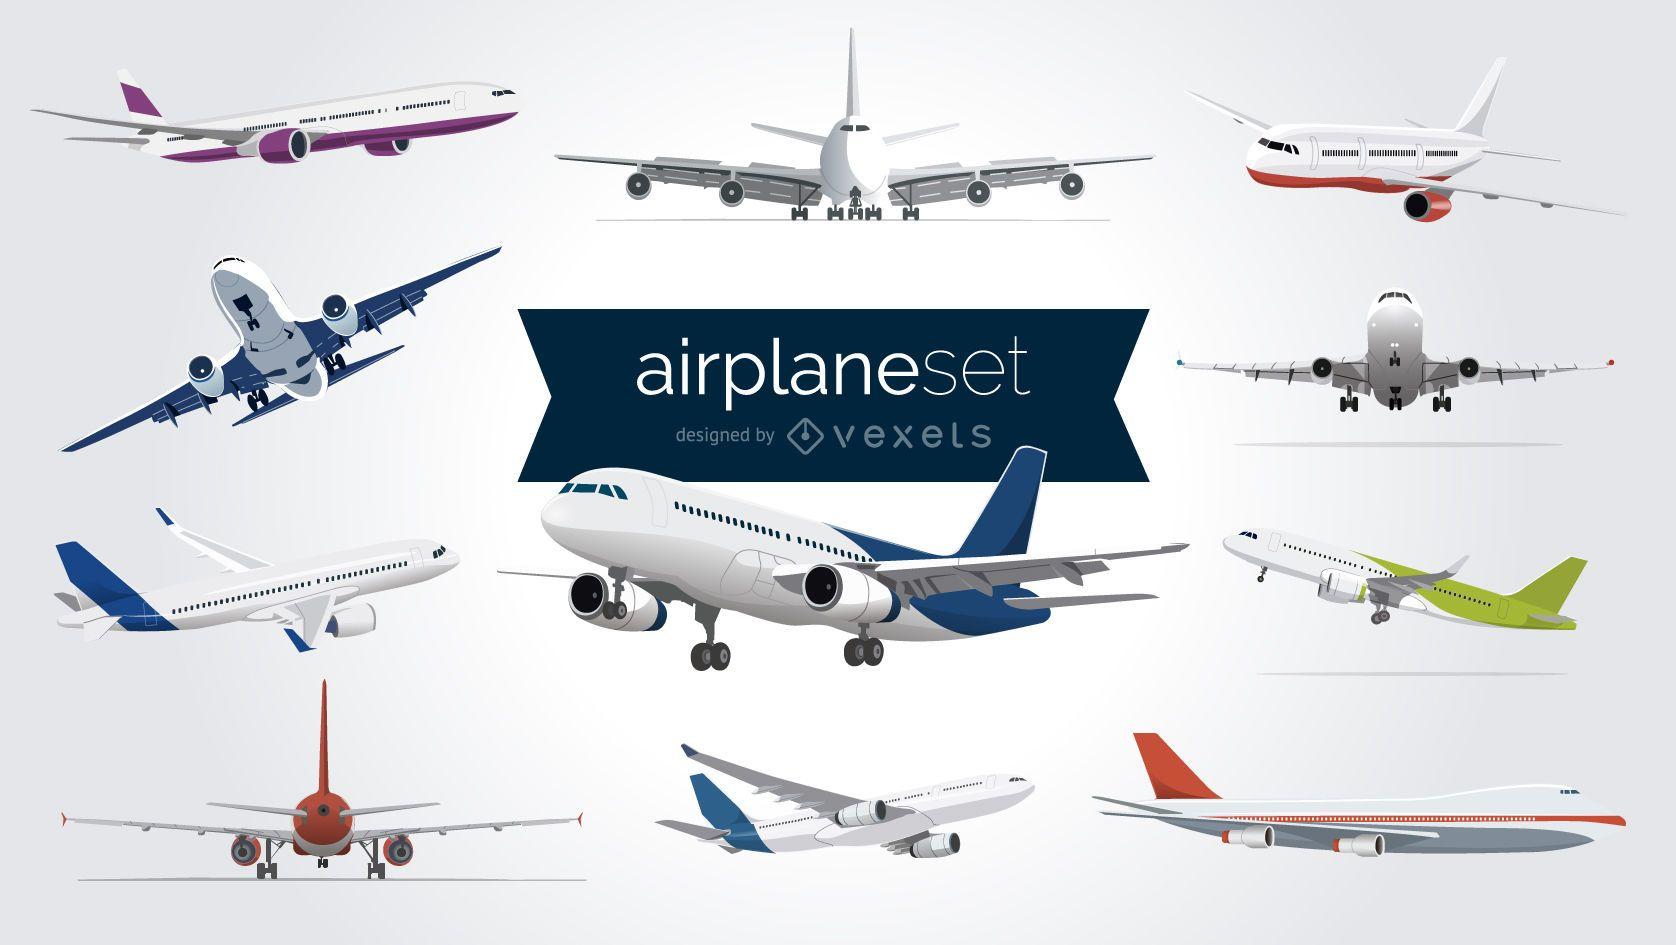 Conjunto de aviones ilustrados.